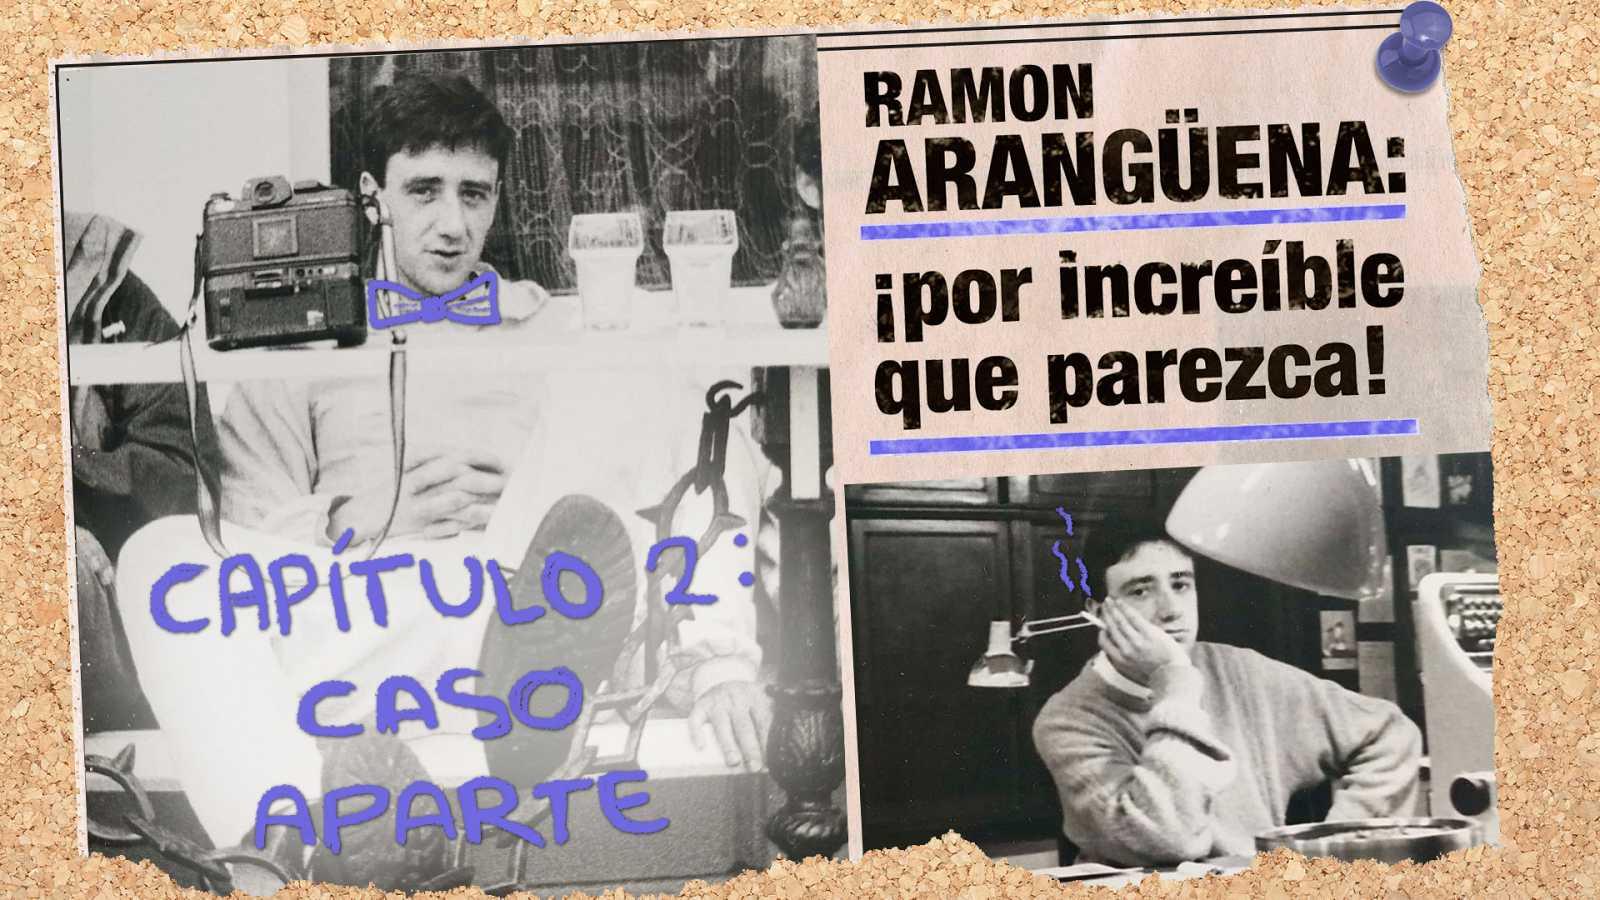 Ramón Arangüena: ¡Por increíble que parezca! - Capítulo 2: Caso aparte - Escuchar ahora